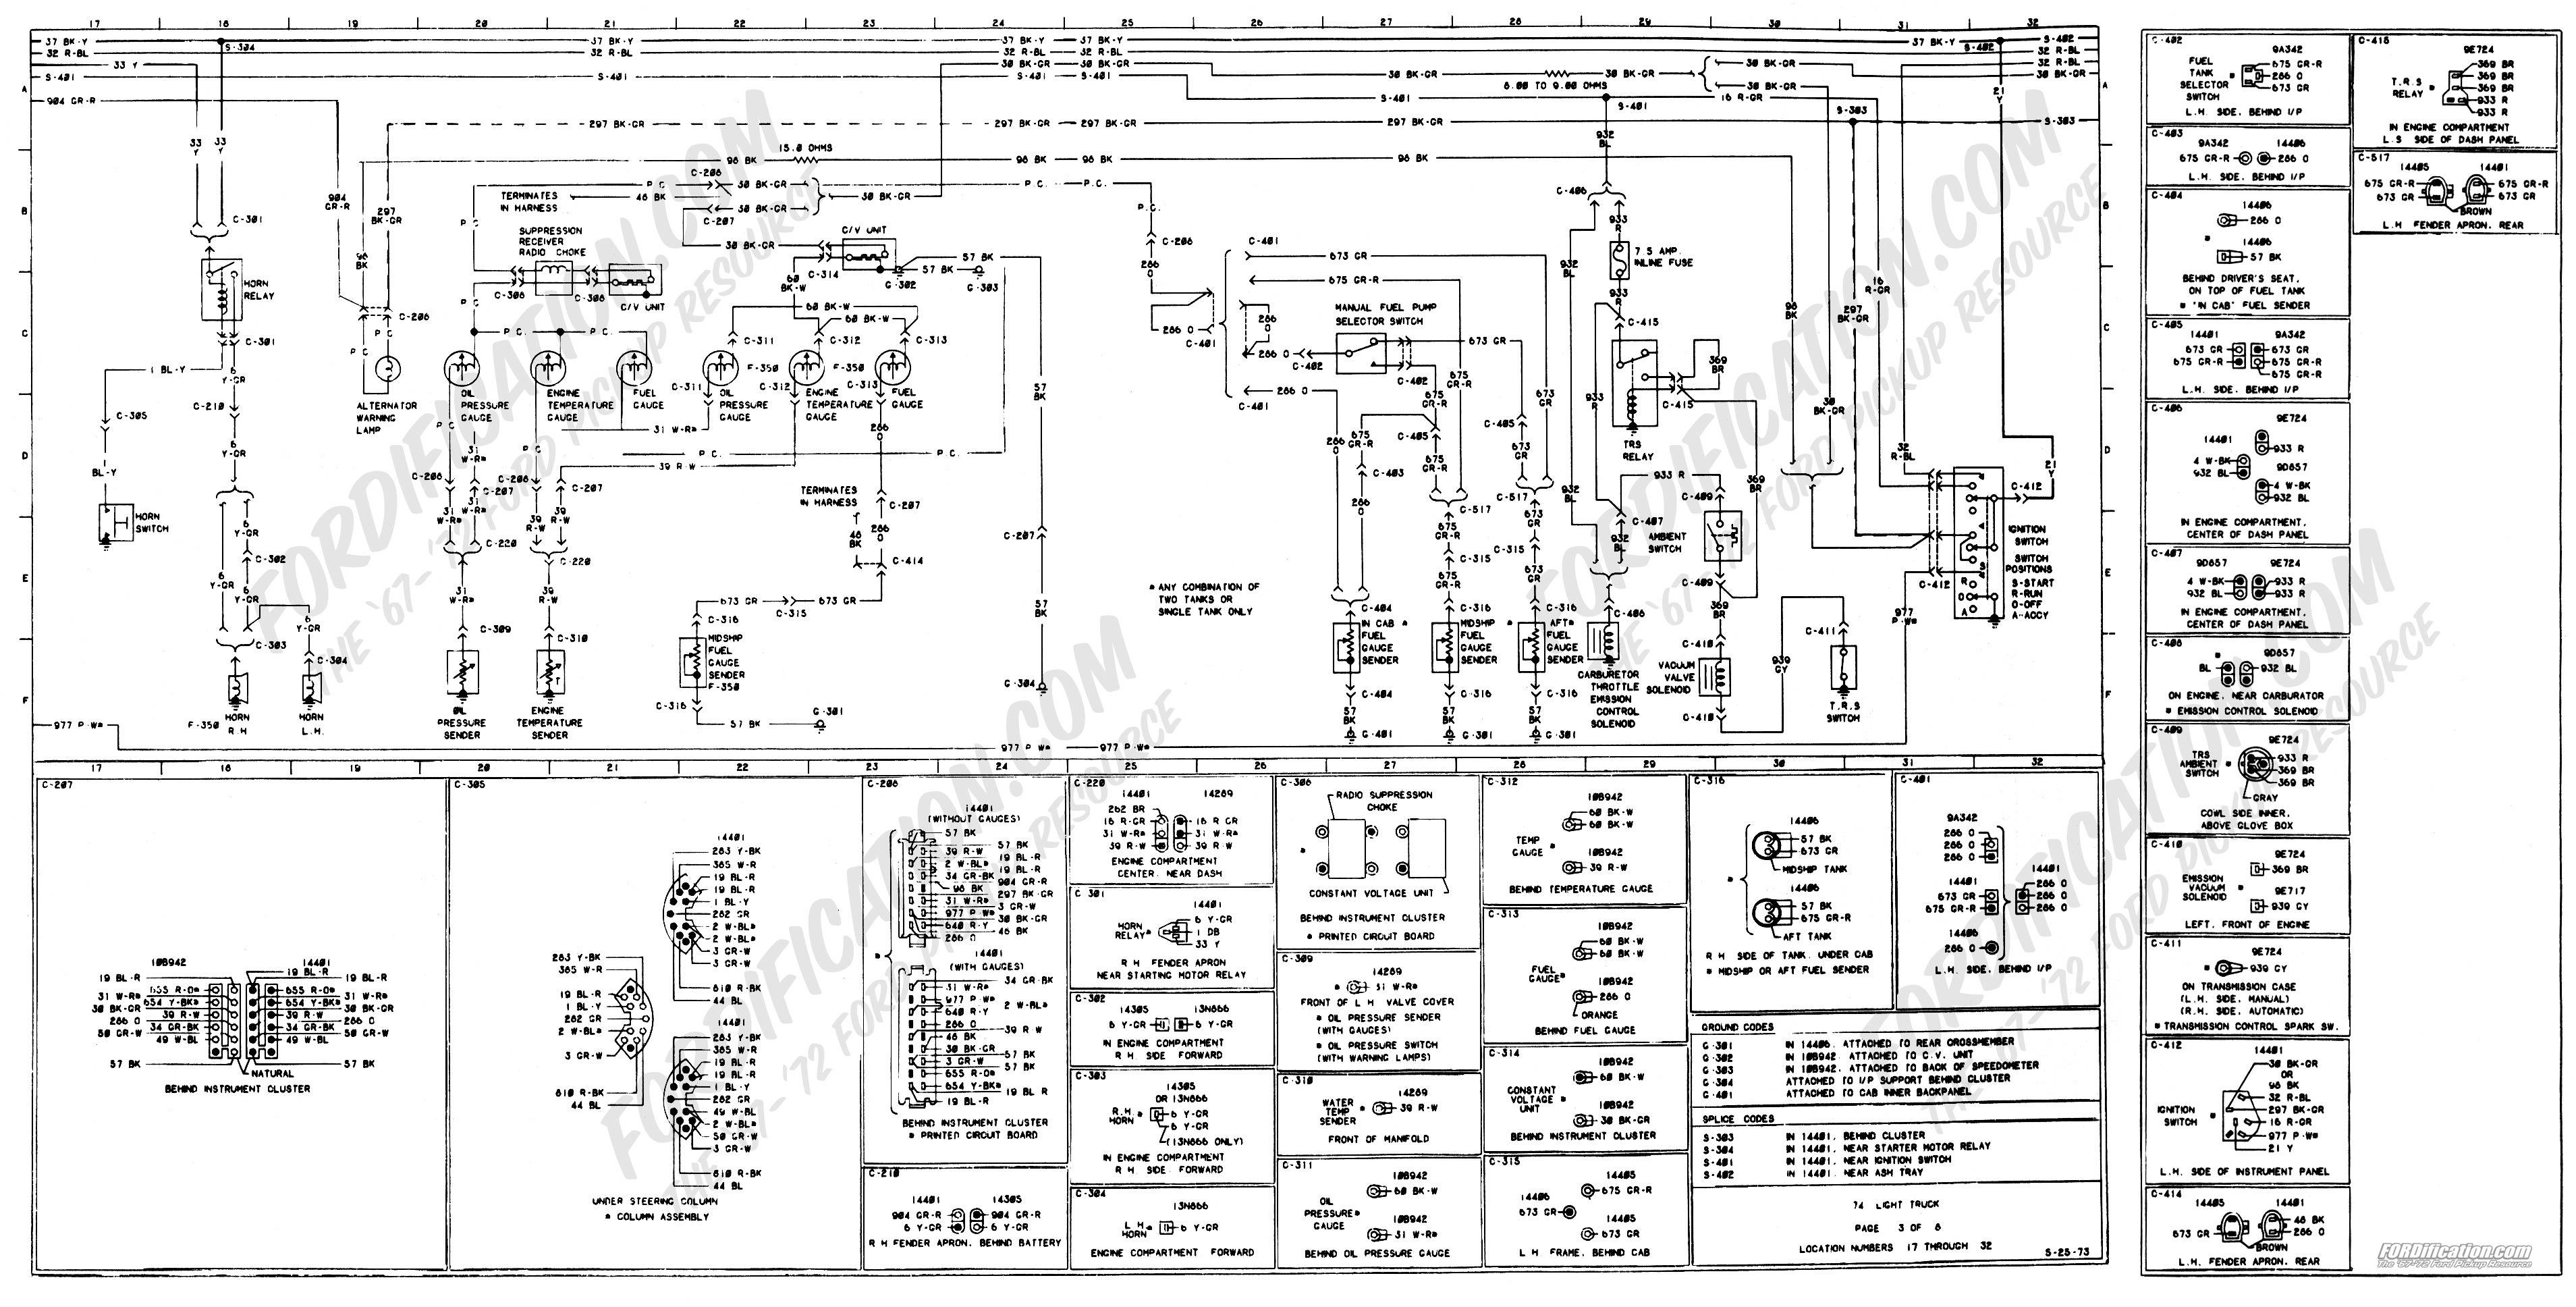 1977 ford f100 wiring schematics